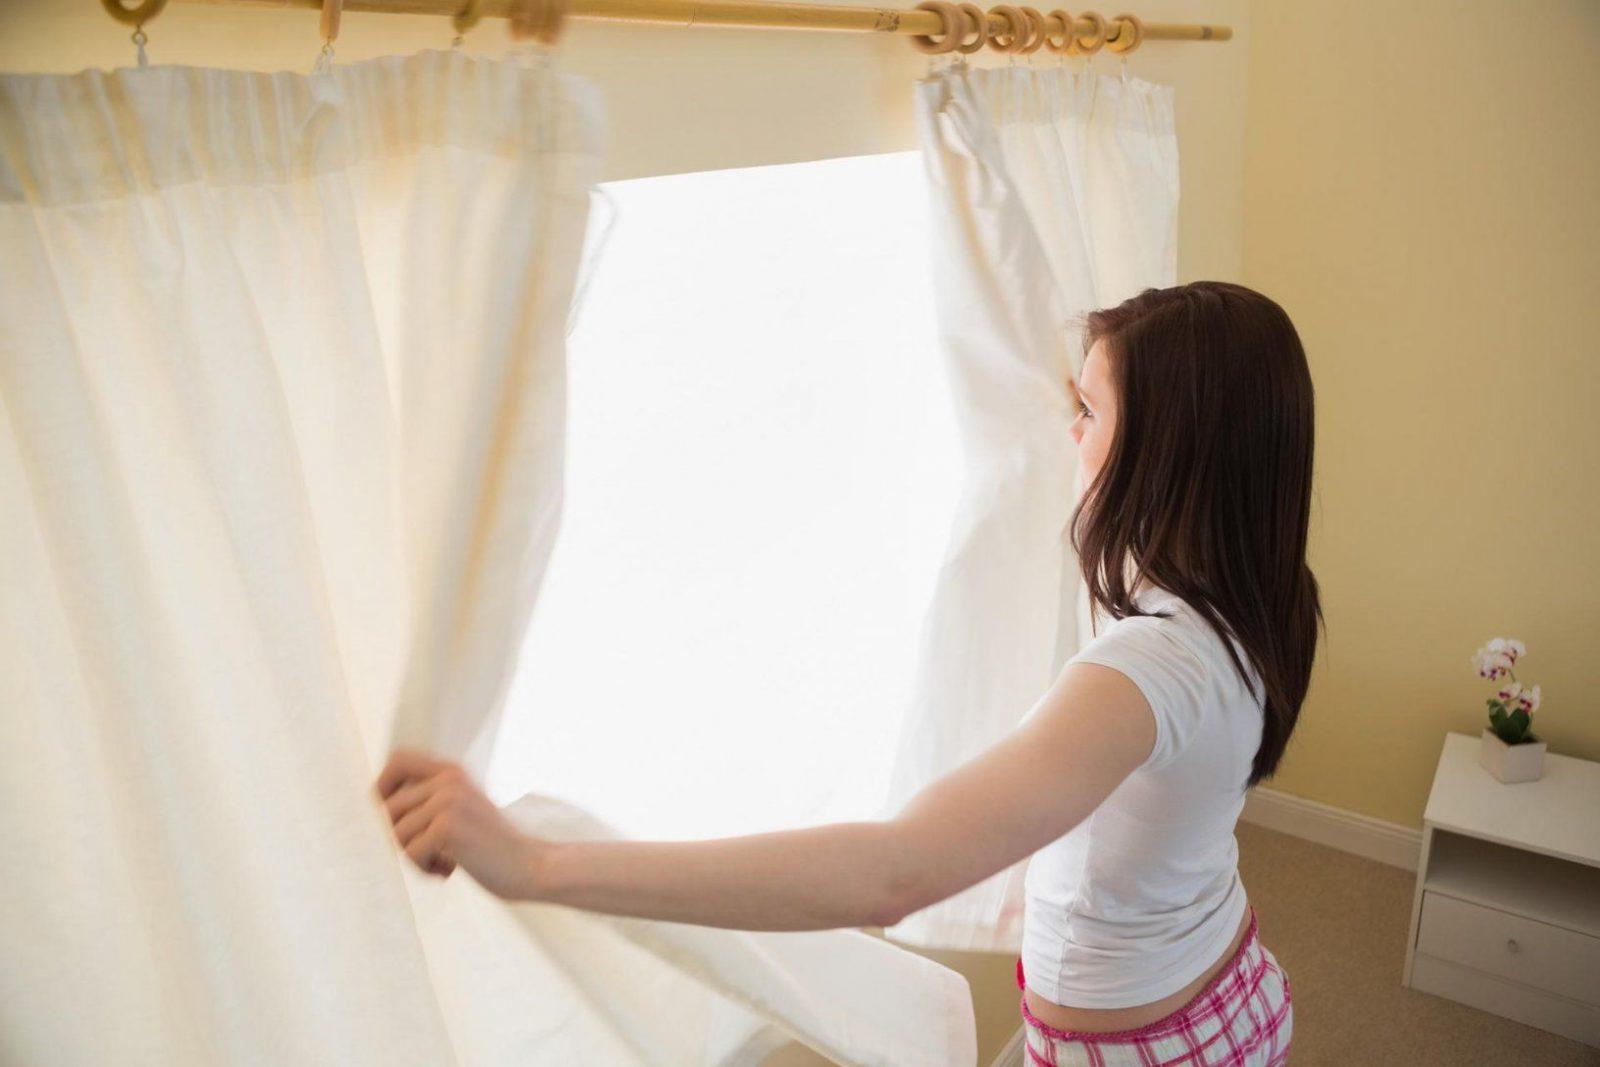 So Waschen Und Pflegen Sie Ihre Gardinen Richtig von Gardinen Waschen Wieviel Grad Bild